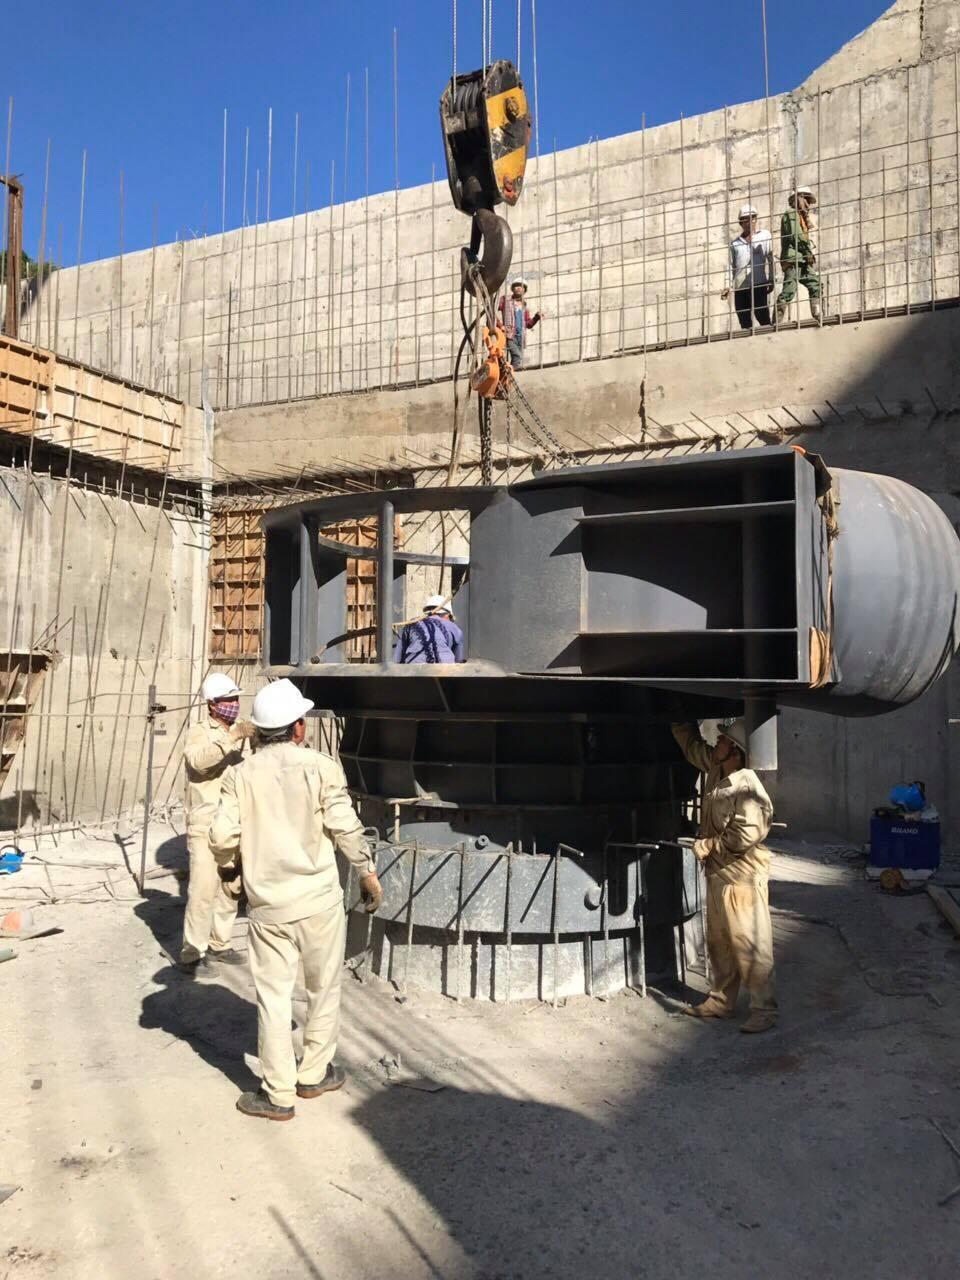 Sê San 3A thực hiện dịch vụ lắp đặt, thí nghiệm, hiệu chỉnh hệ thống thiết bị cơ, điện đồng bộ nhà máy và trạm biến áp 110kV, đào tạo vận hành tại nhà máy thủy điện Đăk Glun2